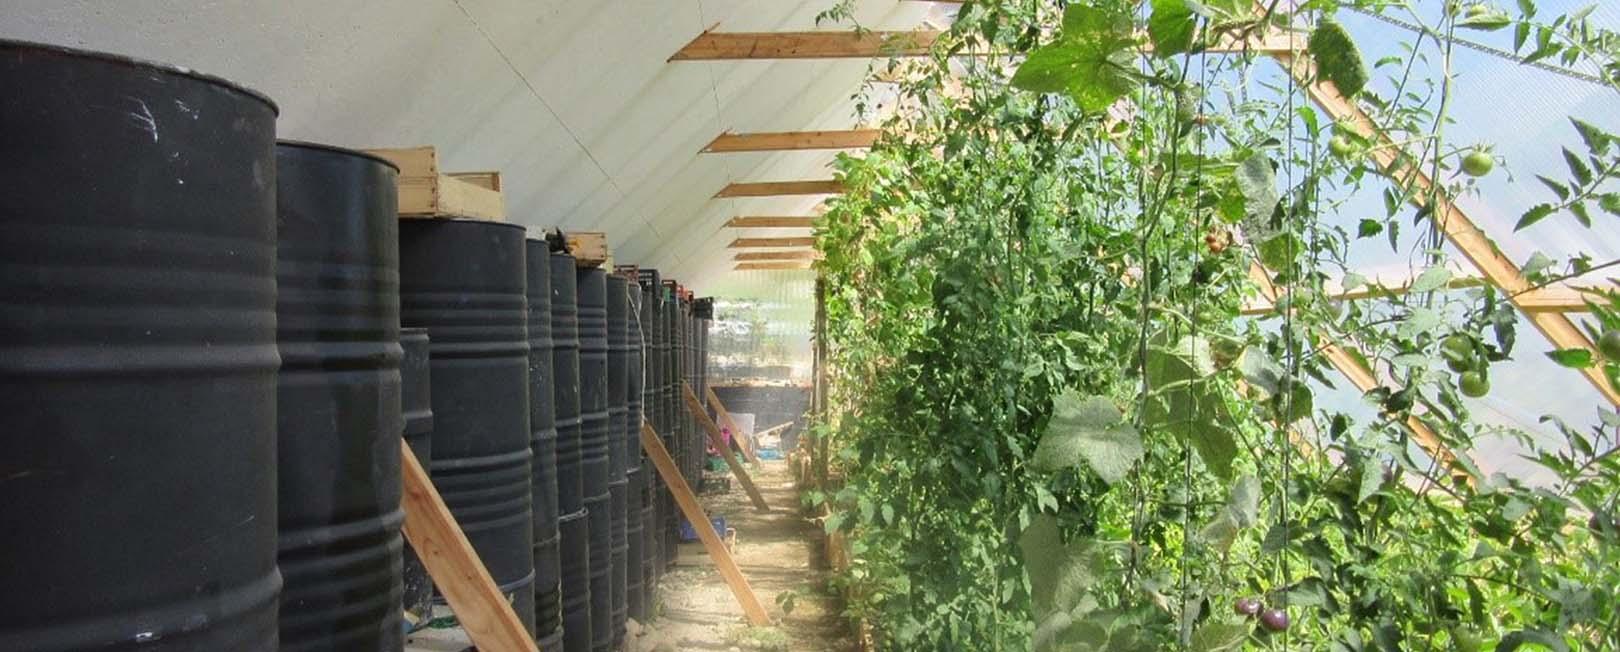 Légumes dans une serre bioclimatique